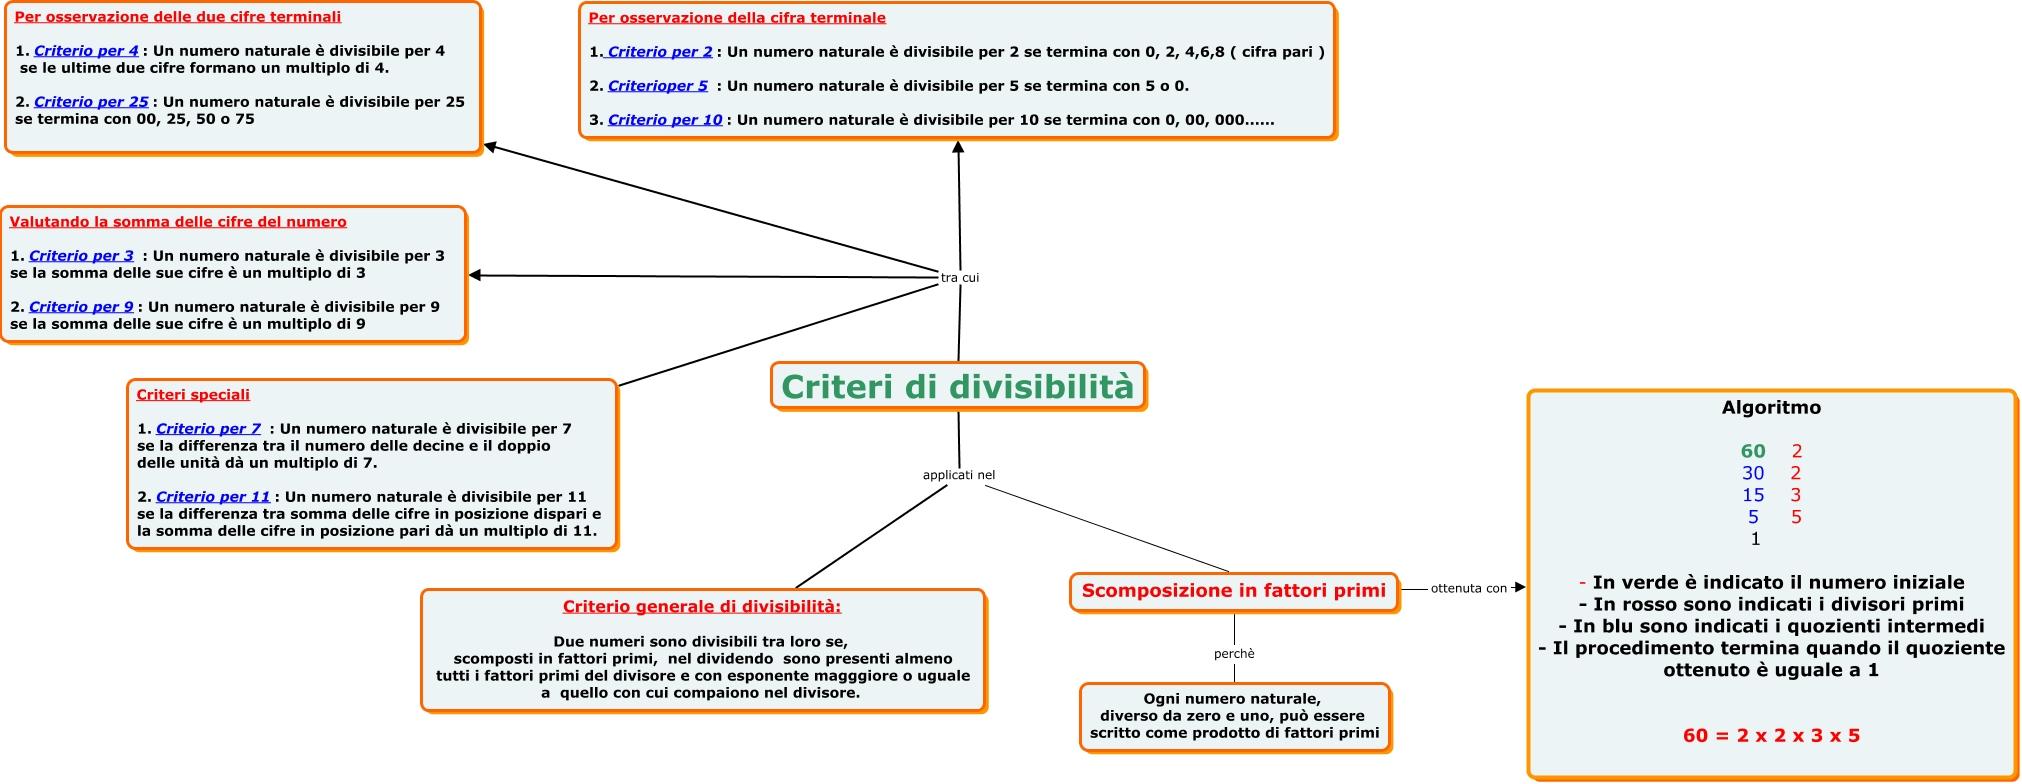 huge discount 5f2c5 6450a Criteri di divisibilità - Quali sono i criteri di divisibilità